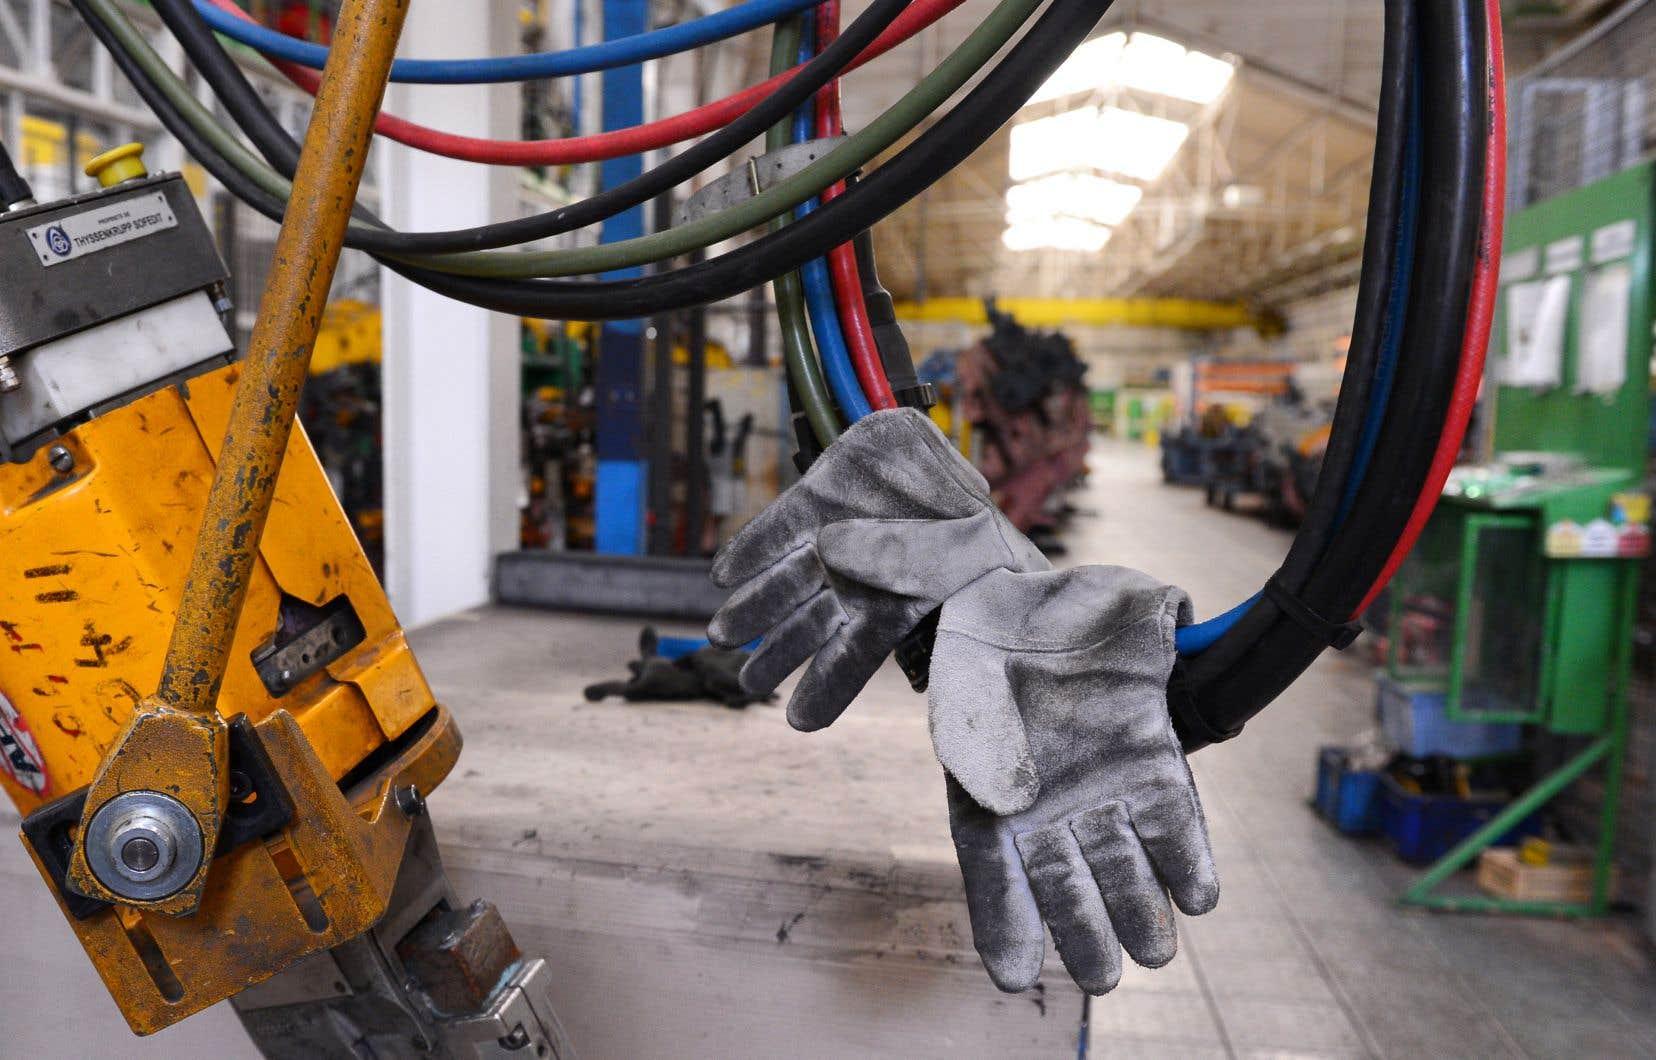 Près de 18% de travailleurs indiquent qu'ils comptent quitter leur emploi de leur propre chef au cours de la prochaine année.